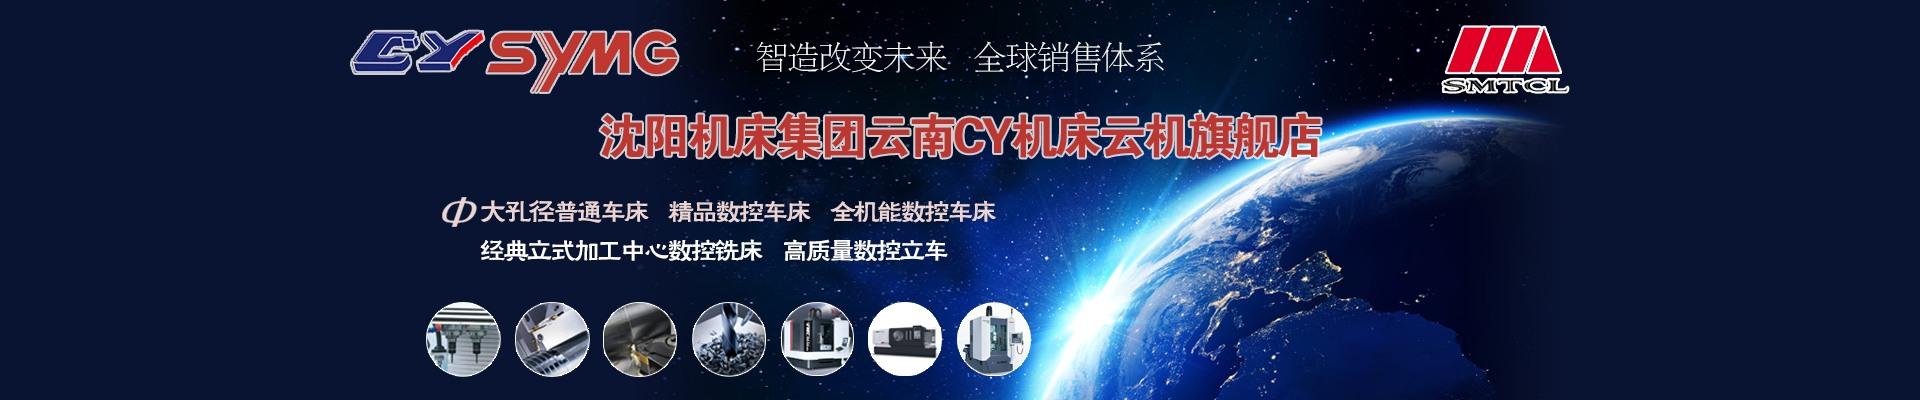 沈阳机床集团云南CY机床云机旗舰店